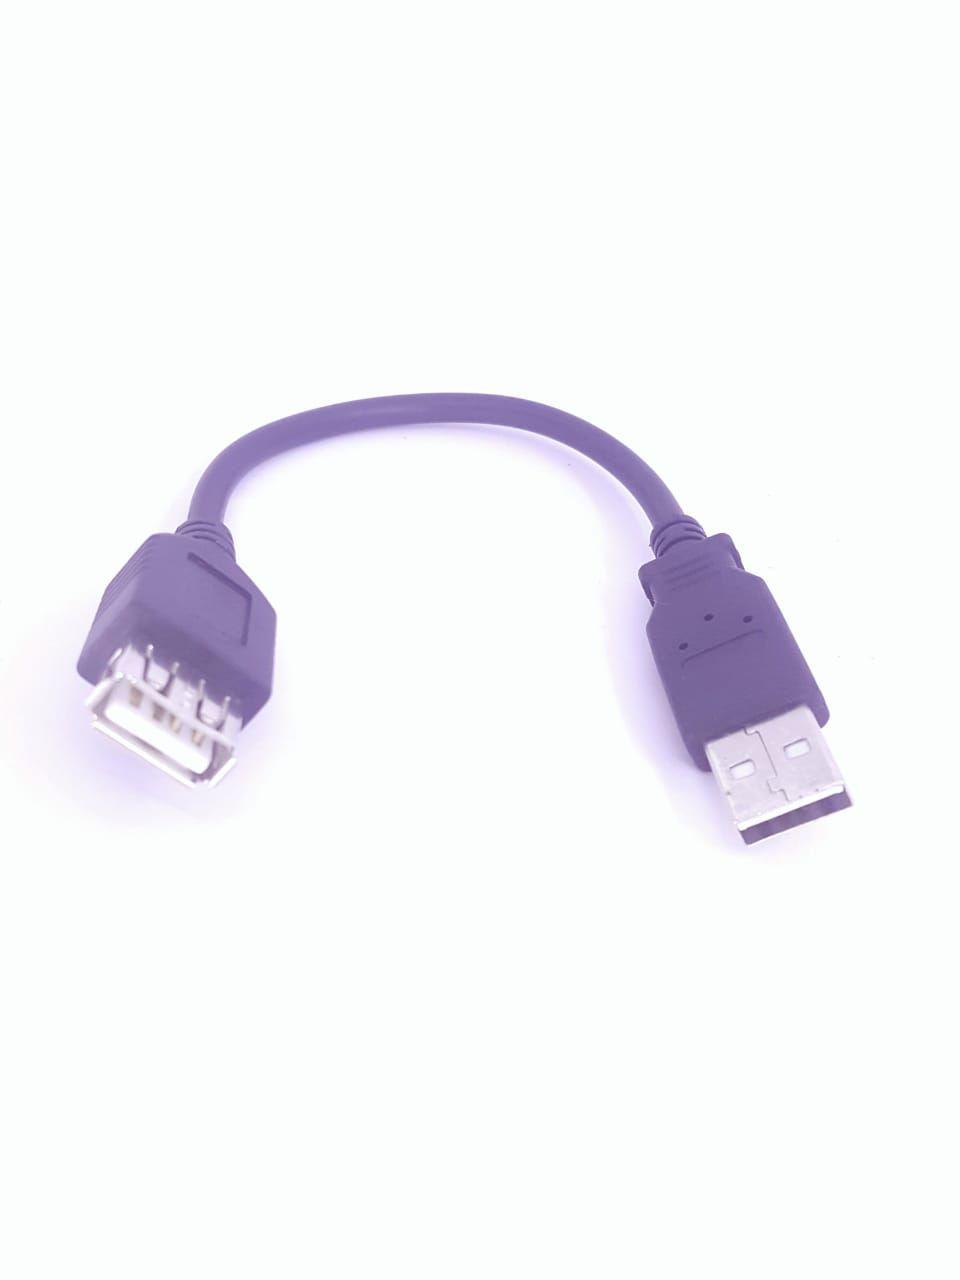 Cabo Extensor USB 2.0 mini Macho para fêmea Preto  20 cm